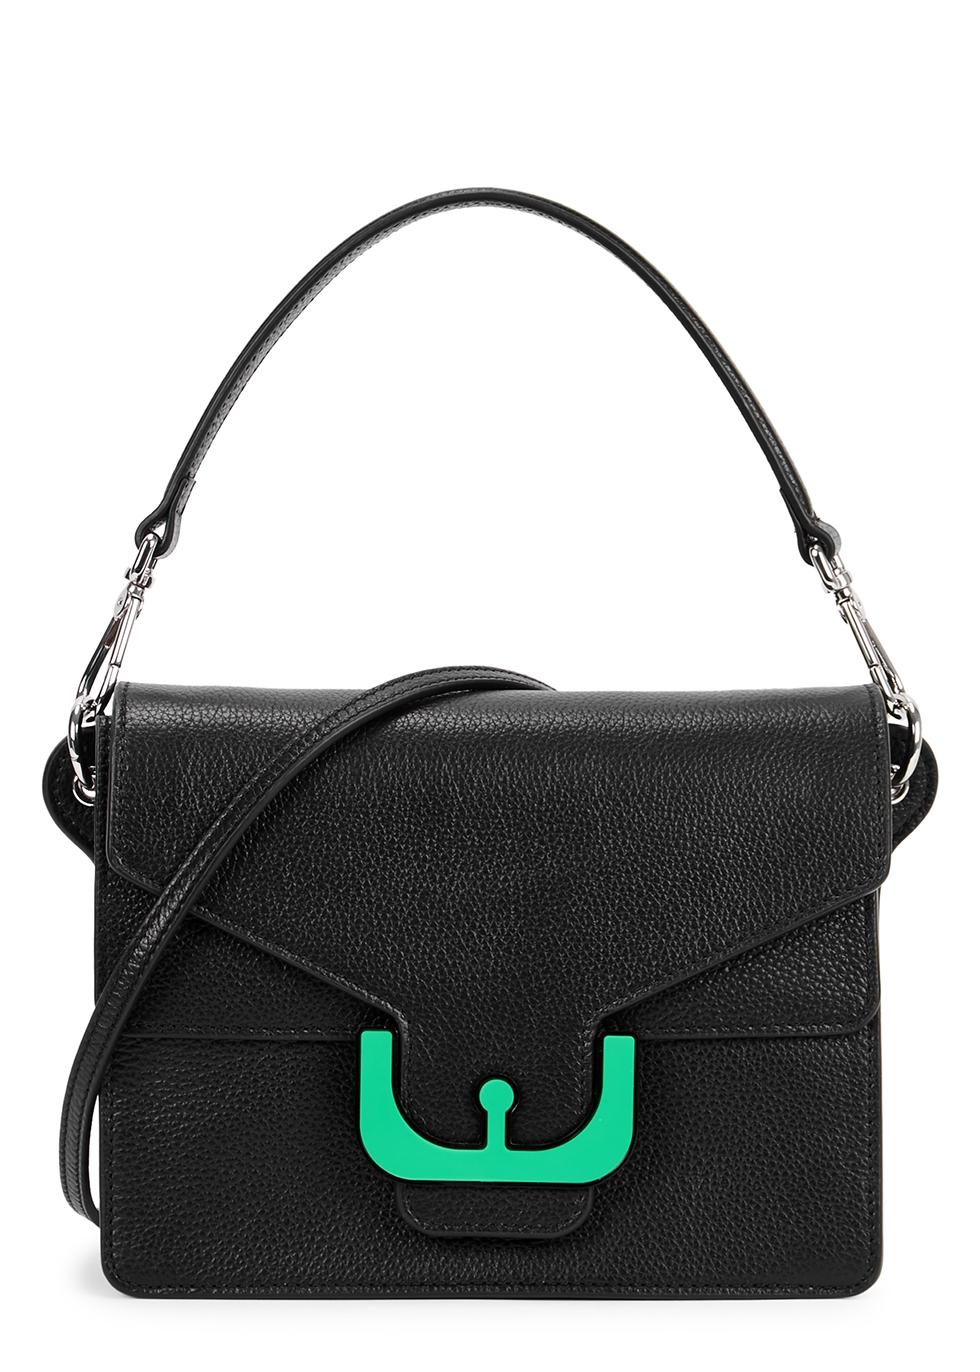 Ambrine Black Leather Shoulder Bag